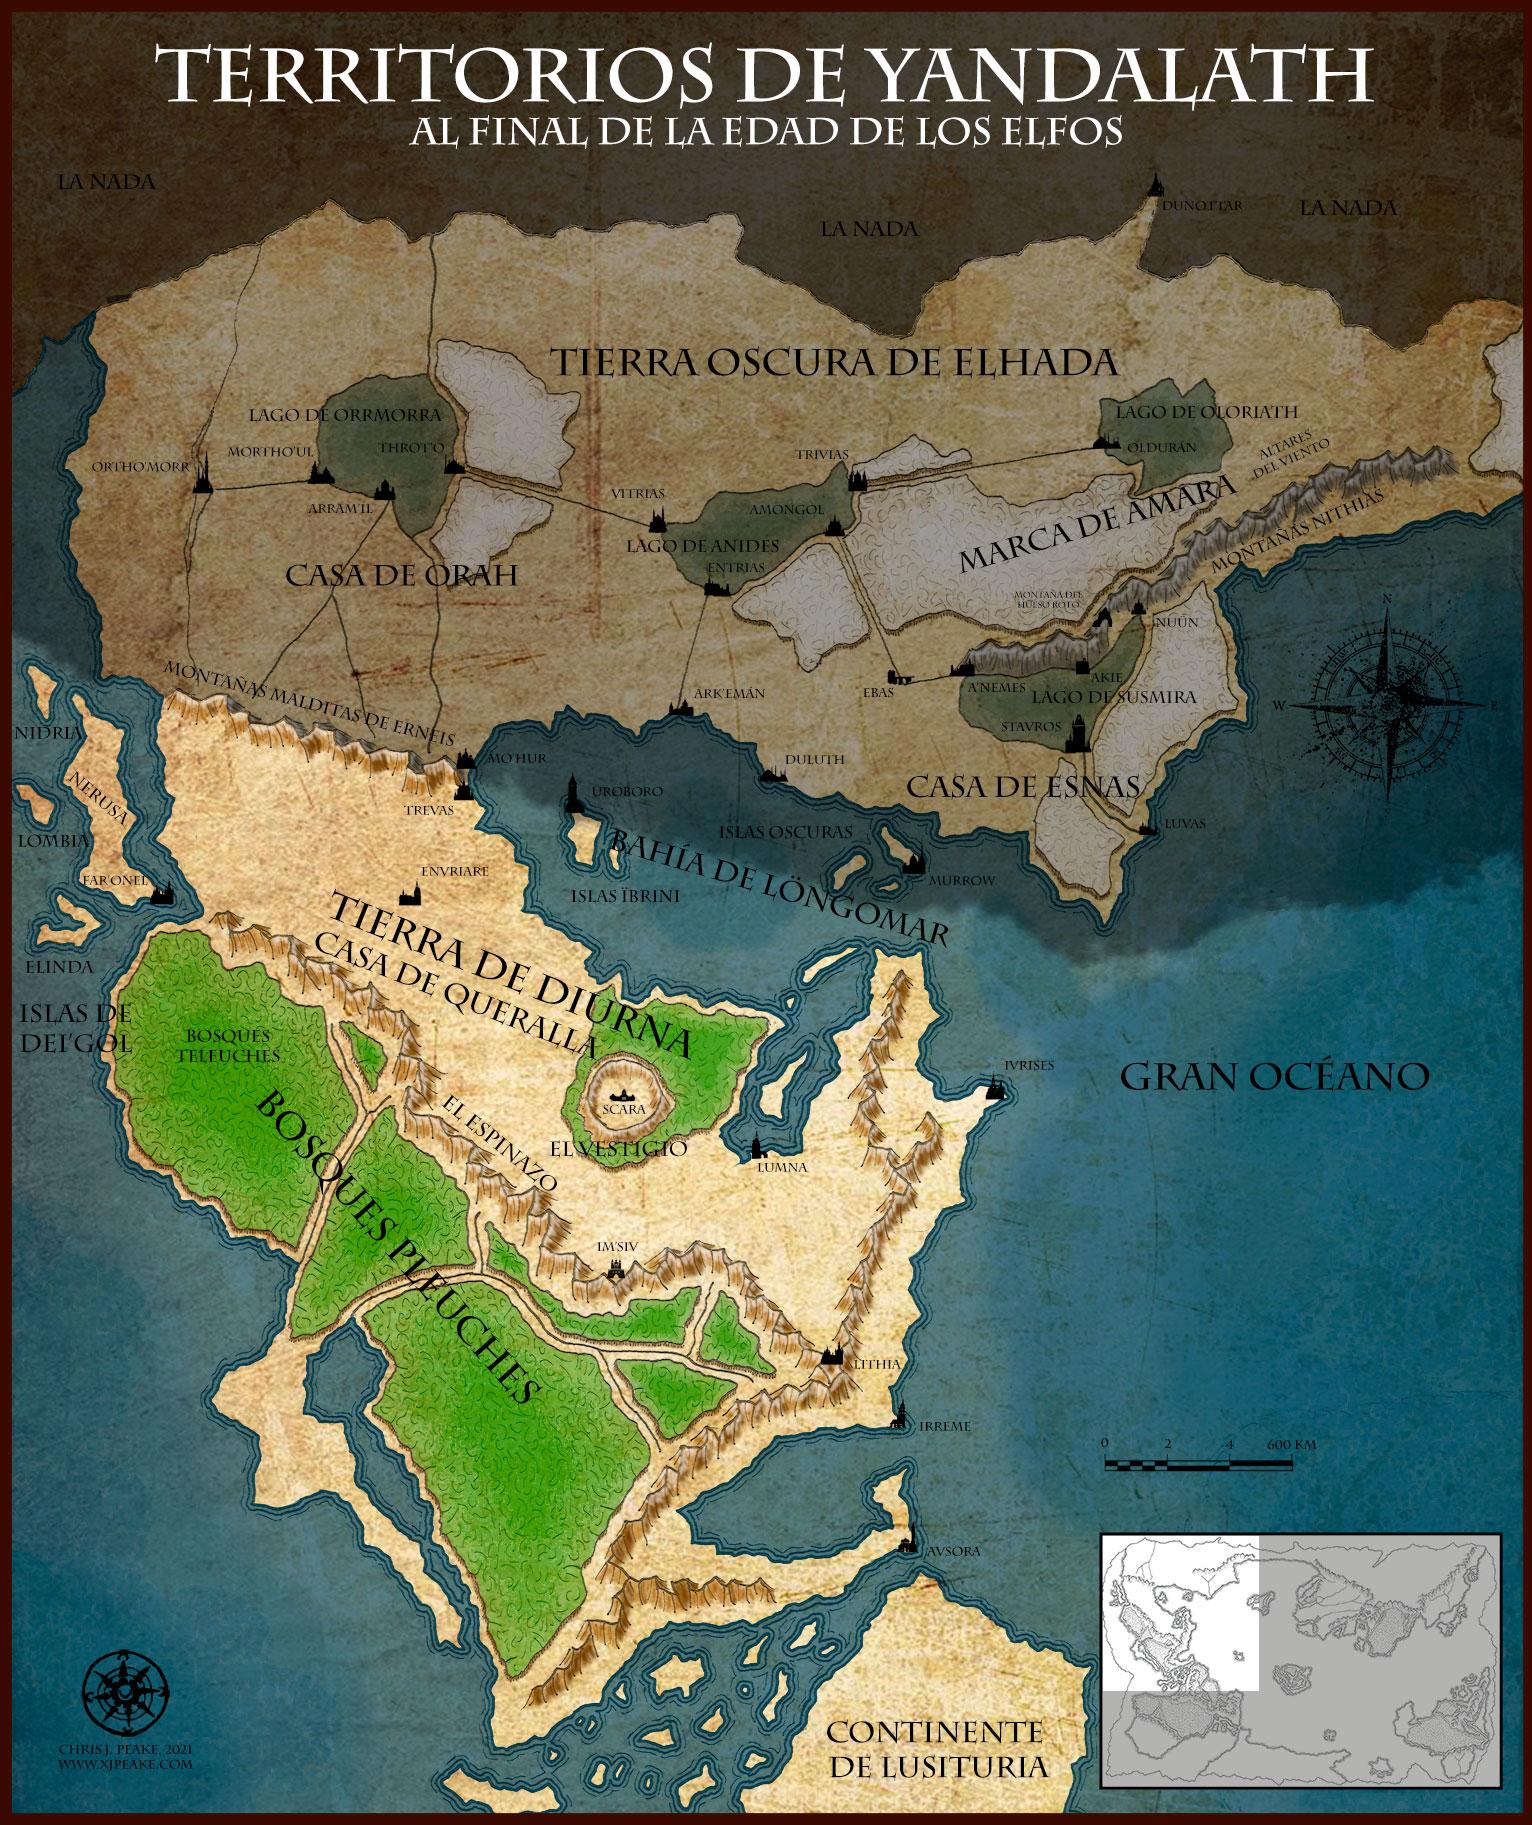 Territorios de los Elfos de Yandalath